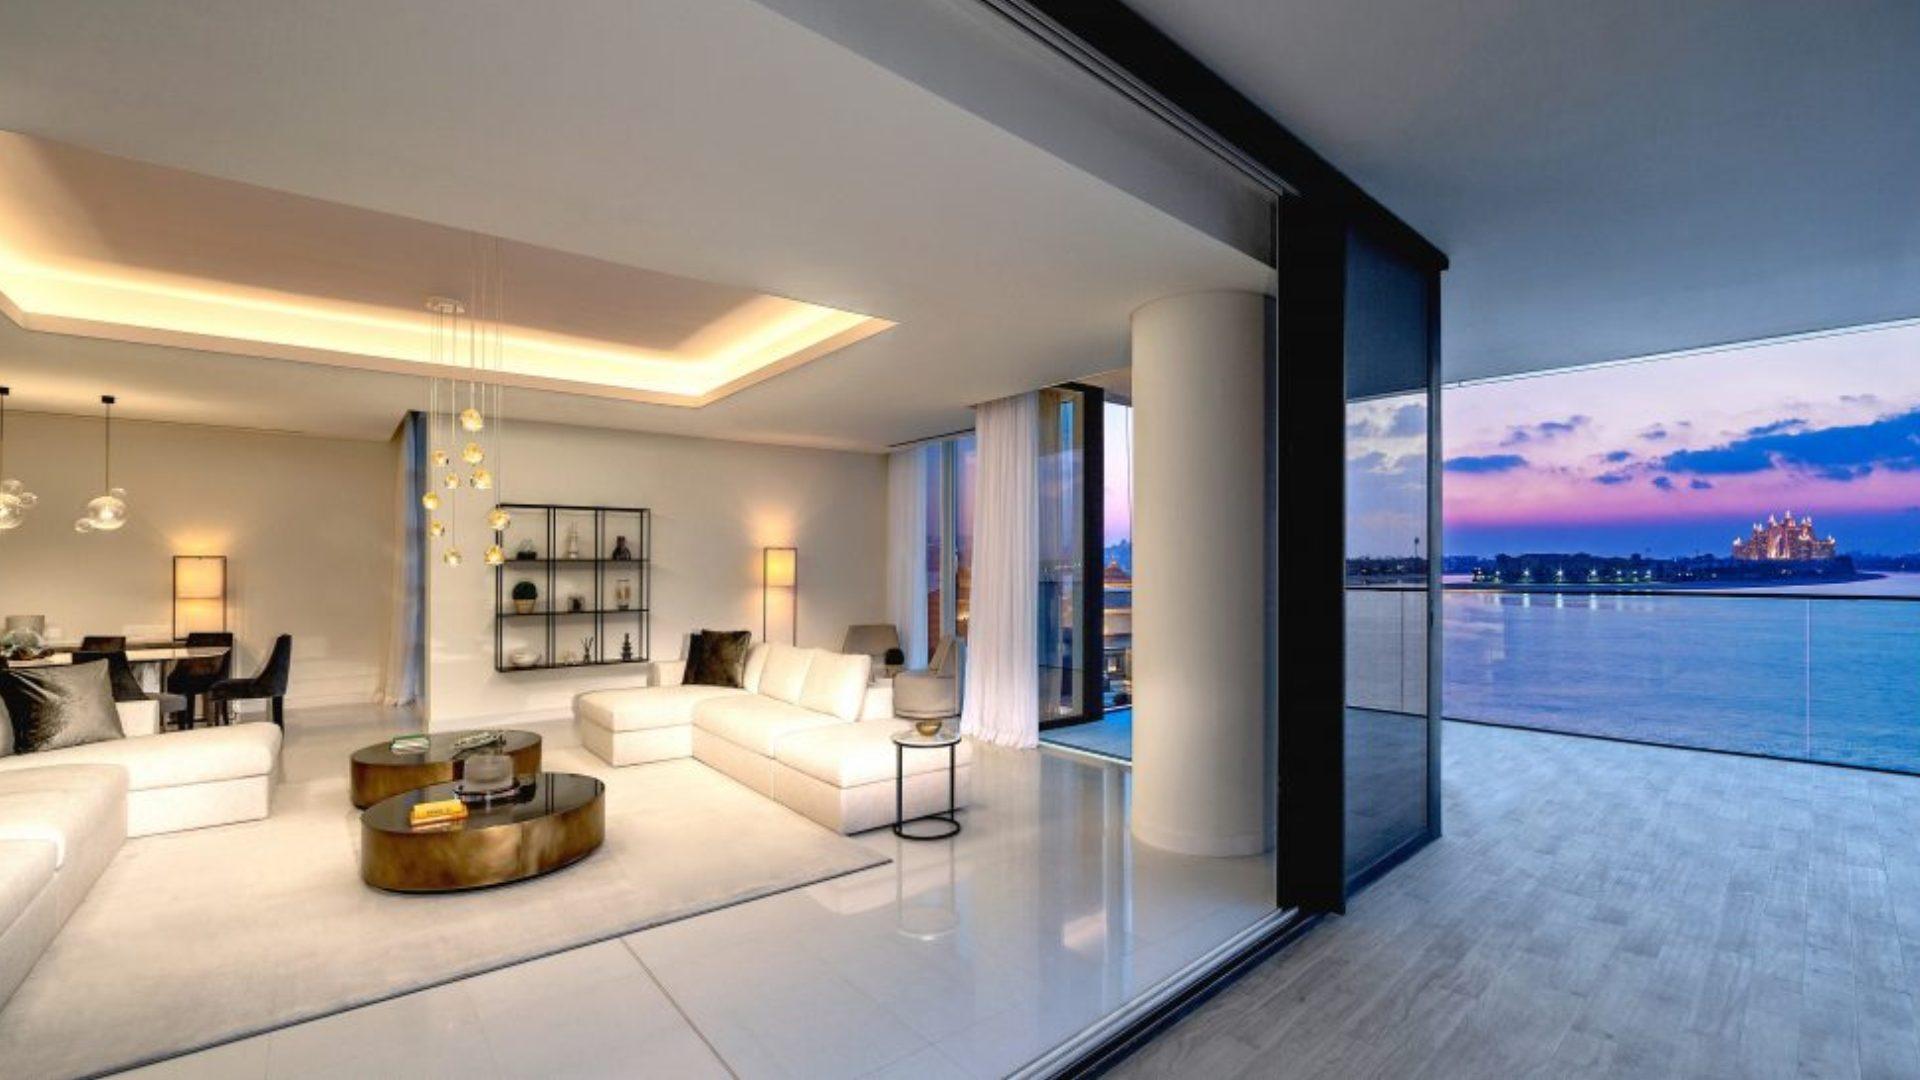 Ático en venta en Dubai, EAU, 4 dormitorios, 513 m2, № 24384 – foto 5